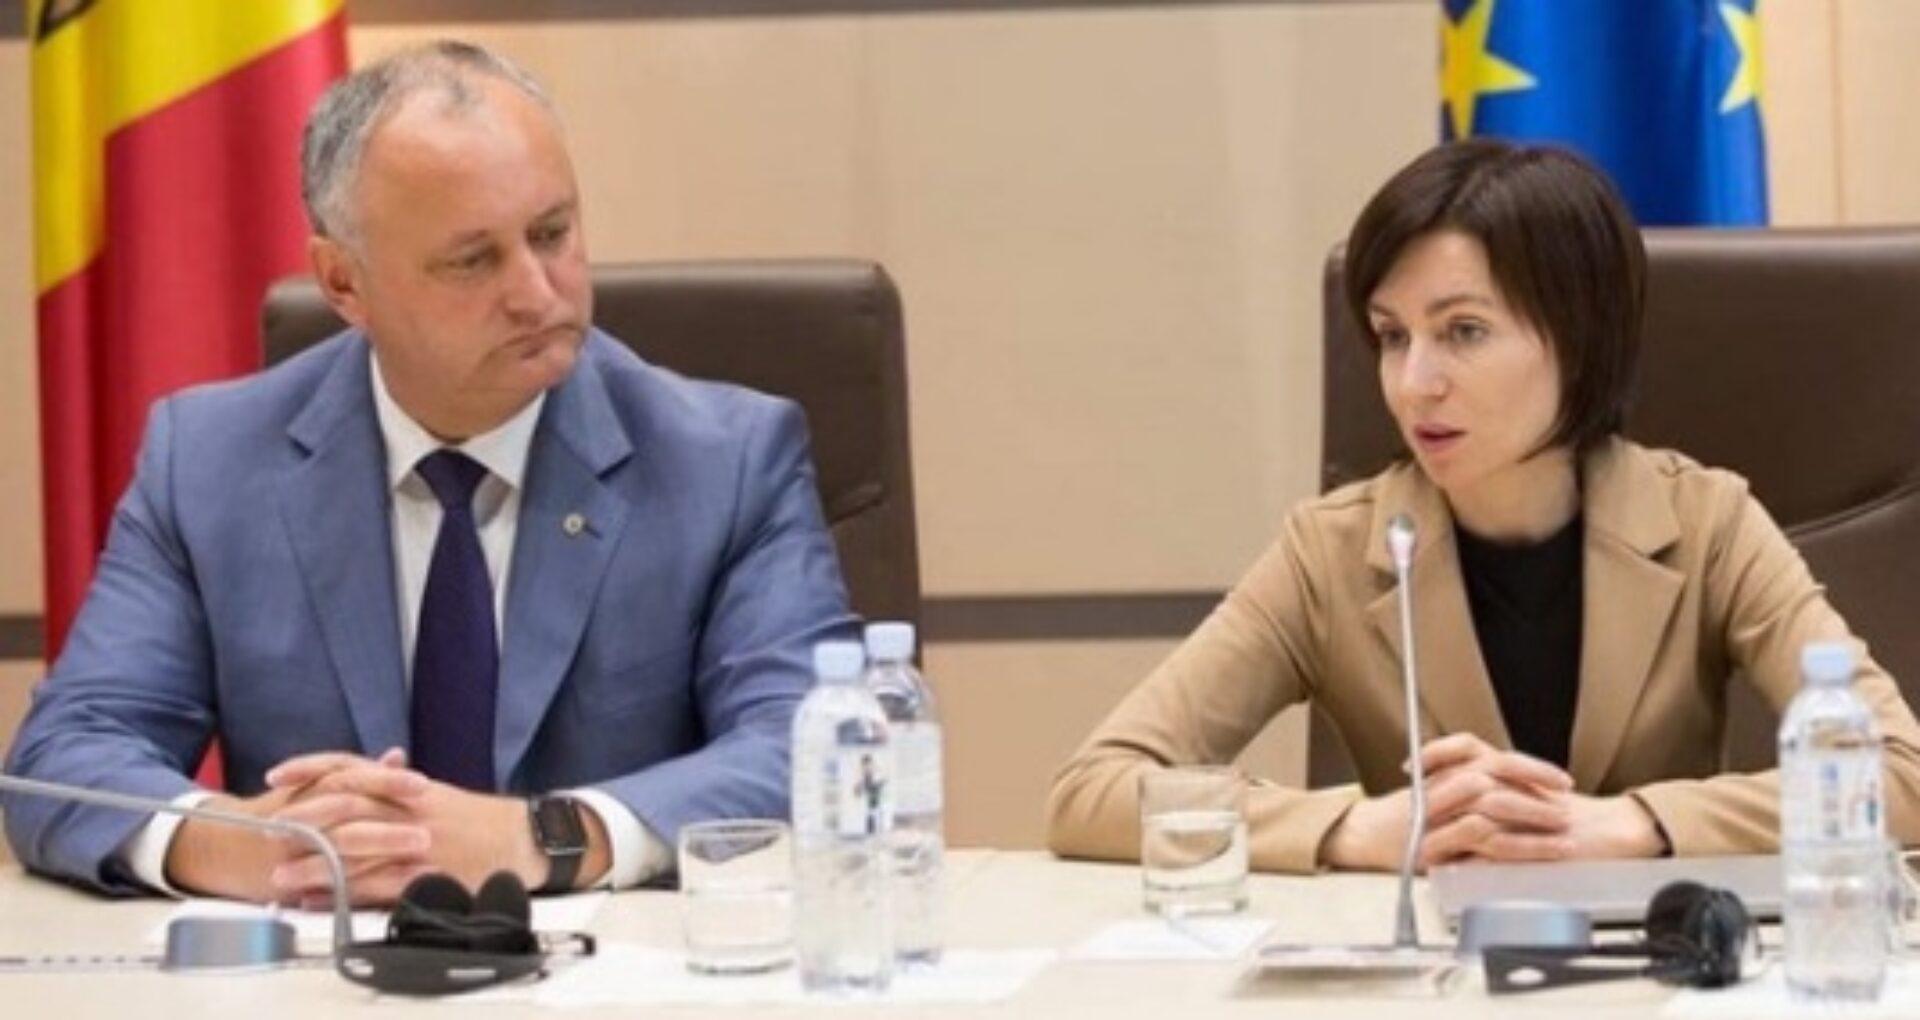 DOC/ Președintele Igor Dodon trebuie să-i aducă scuze publice Maiei Sandu pentru declarații sexiste. Decizia Consiliului pentru asigurarea egalității